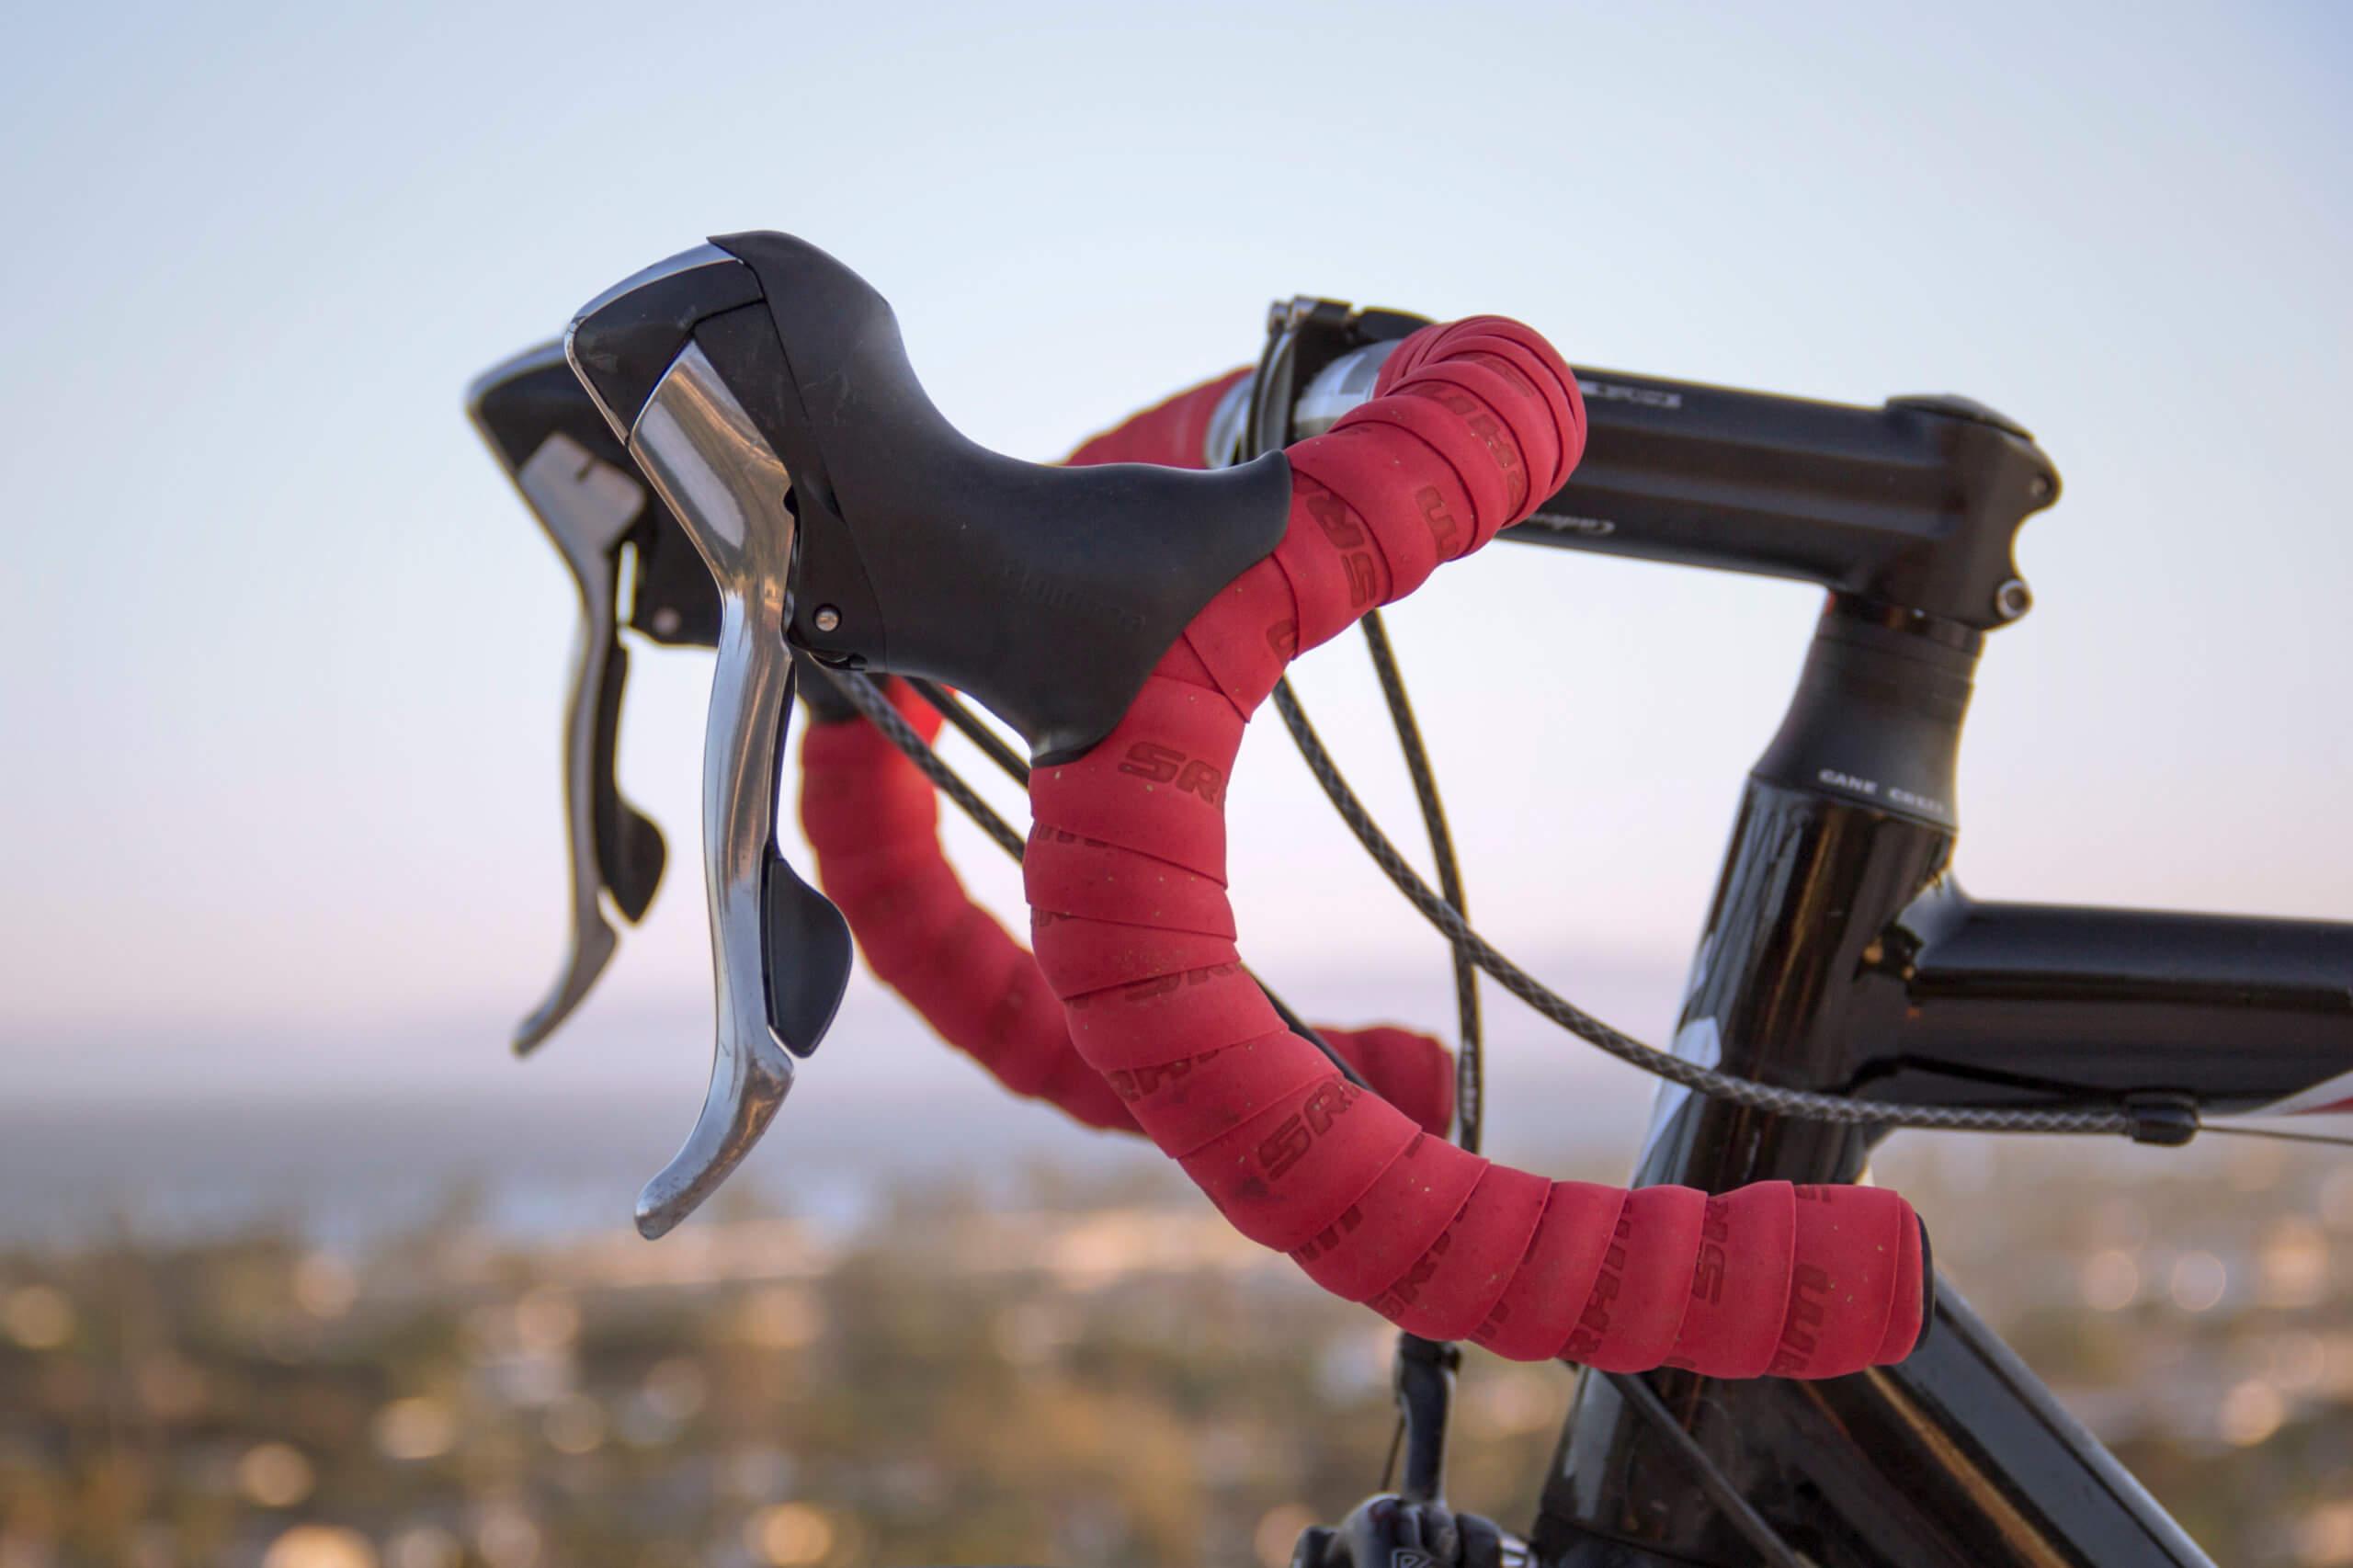 ロードバイクを外置き保管するのはやっぱりダメ? 外置きできるグッズの紹介